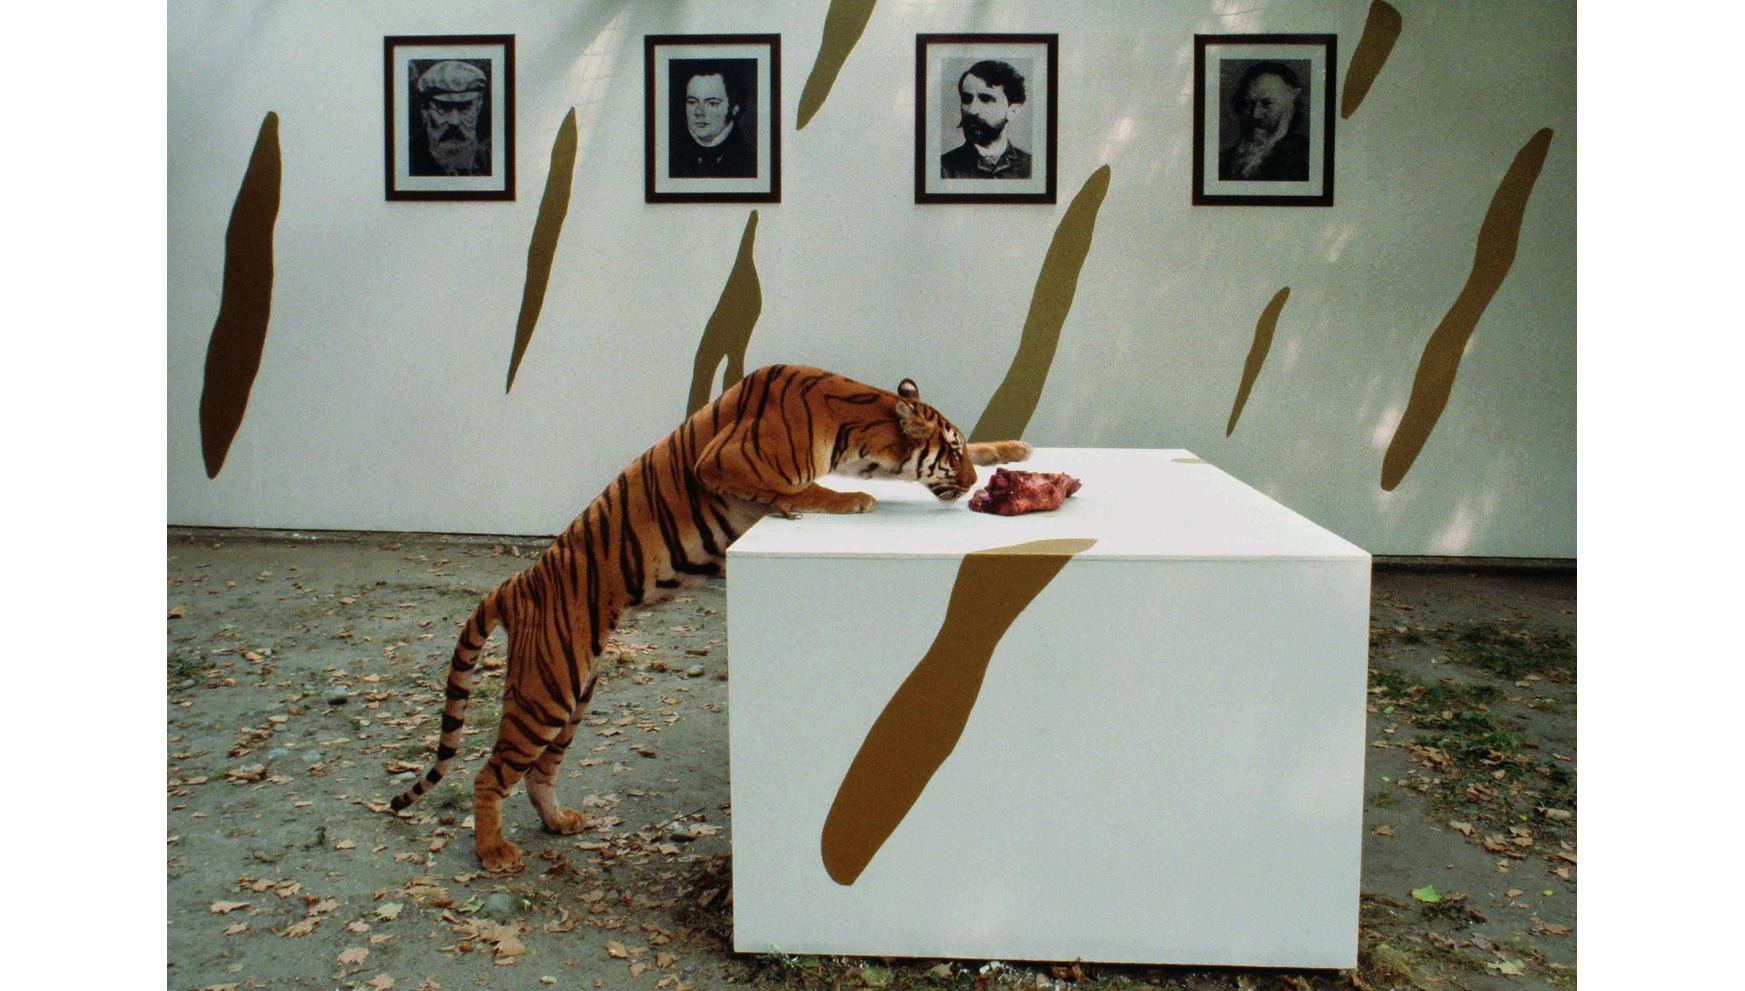 Natura e cultura in un silenzioso dialogo. Braco Dimitrijevic alla M77 Gallery di Milano